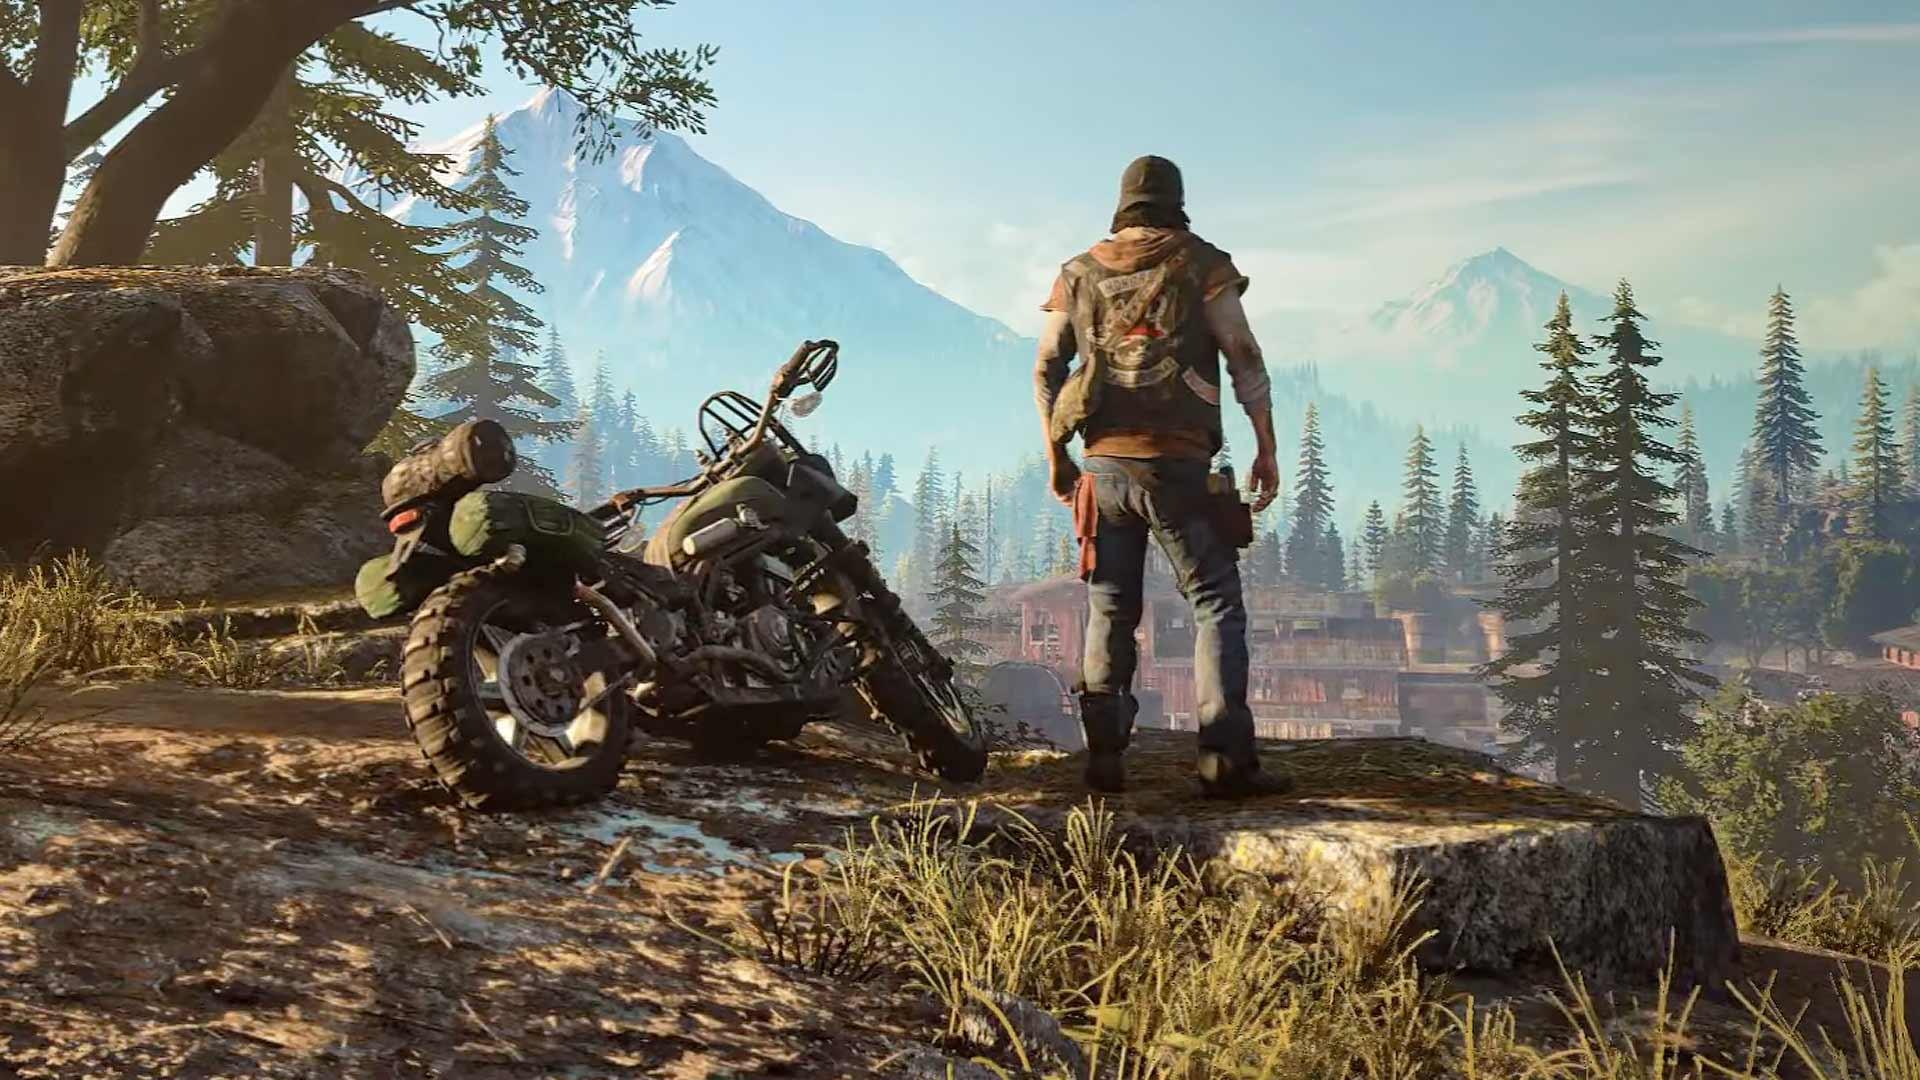 Vídeo mostra-lhe uma hora de um dos próximos grandes exclusivos da PS4